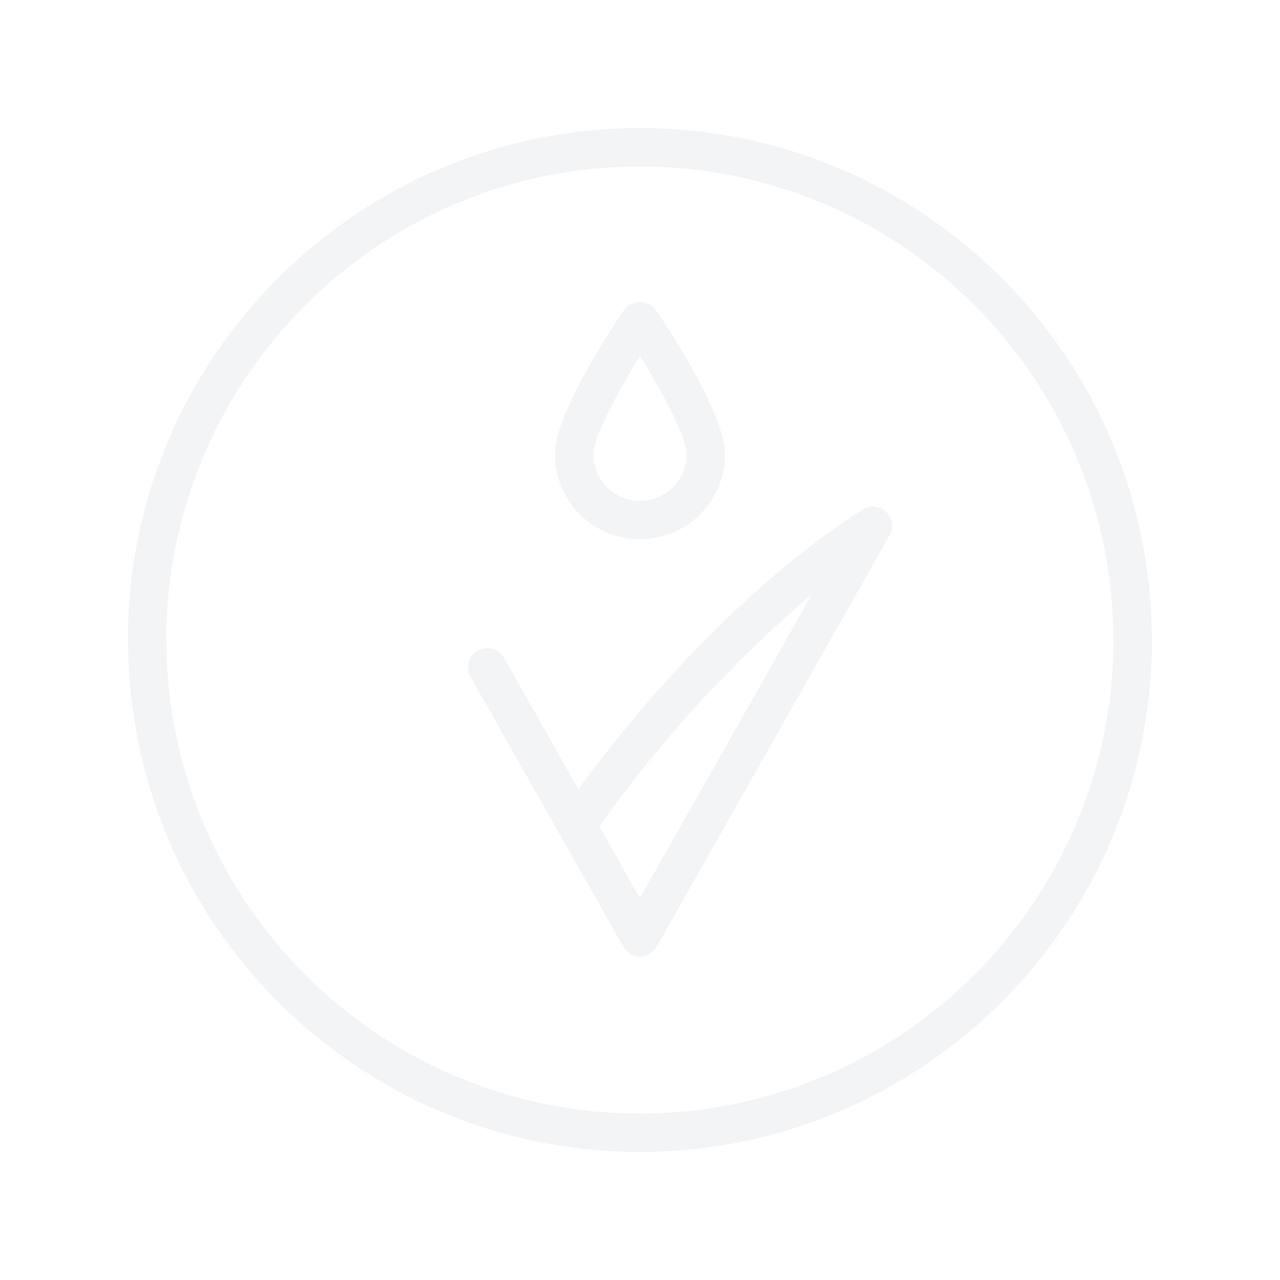 REN Clearcalm 3 Gel Cream 50ml